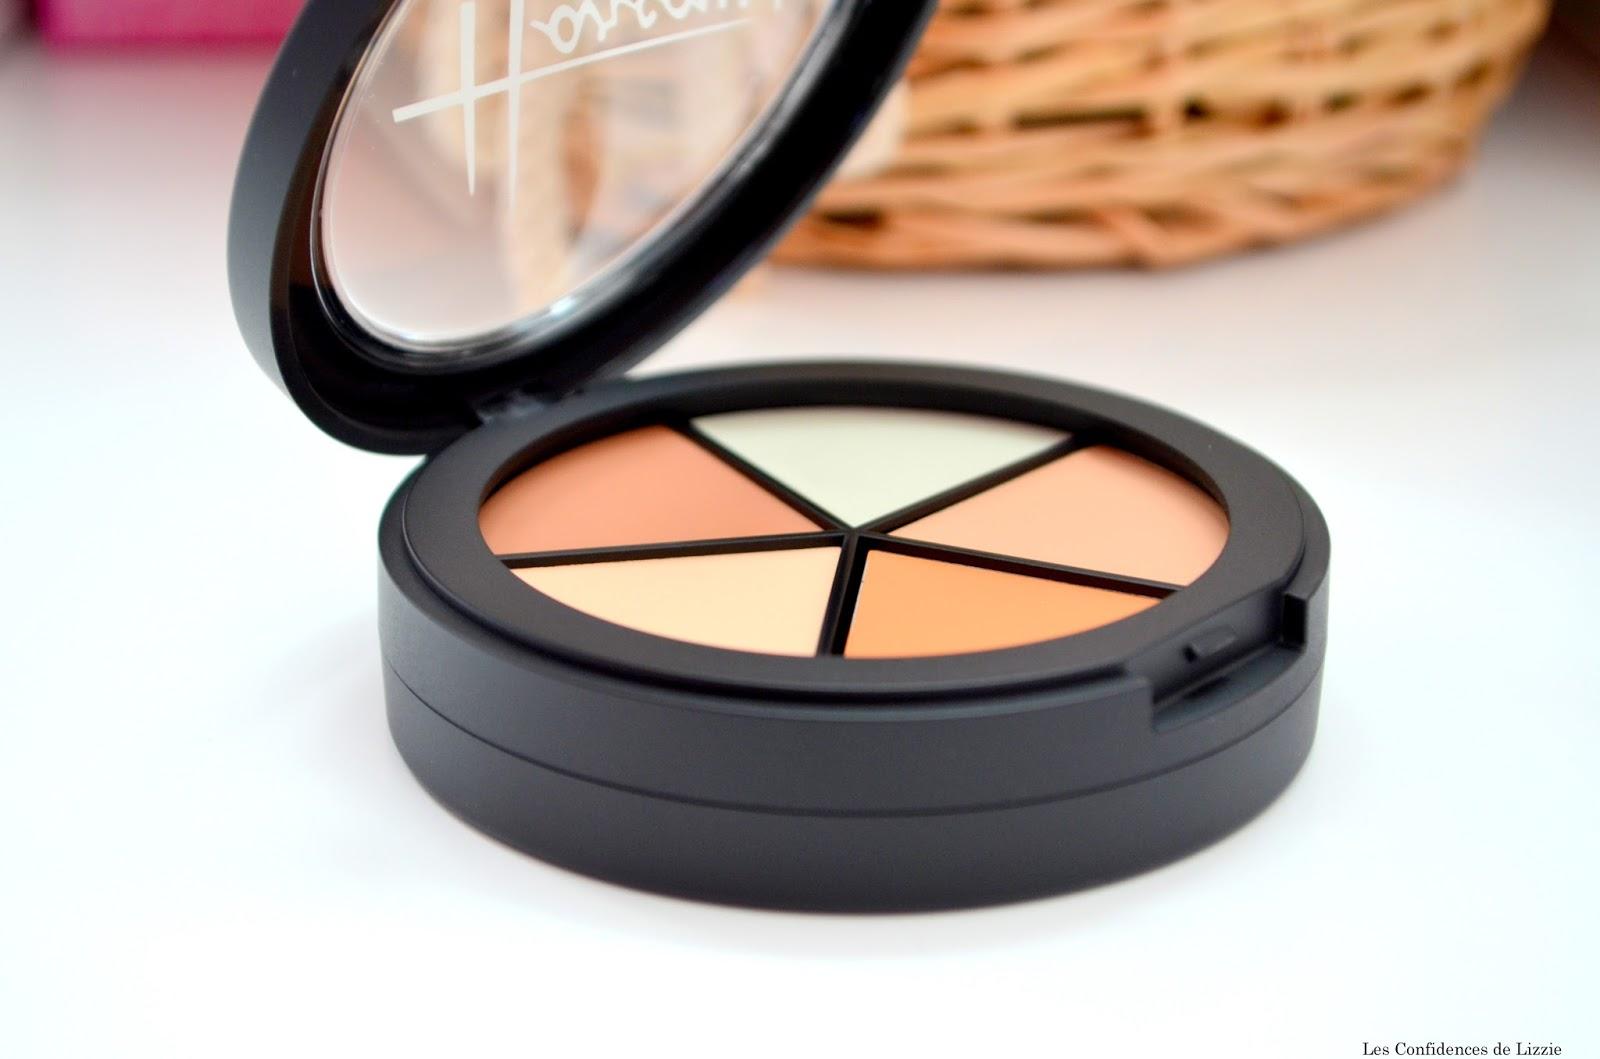 palette - teint 0 défaut - teint parfait - teint lumineux - teint unifié - camoufler les imperfections - camoufler les irrégularités - estomper les cernes - illuminer le teint - affiner les traits du visage